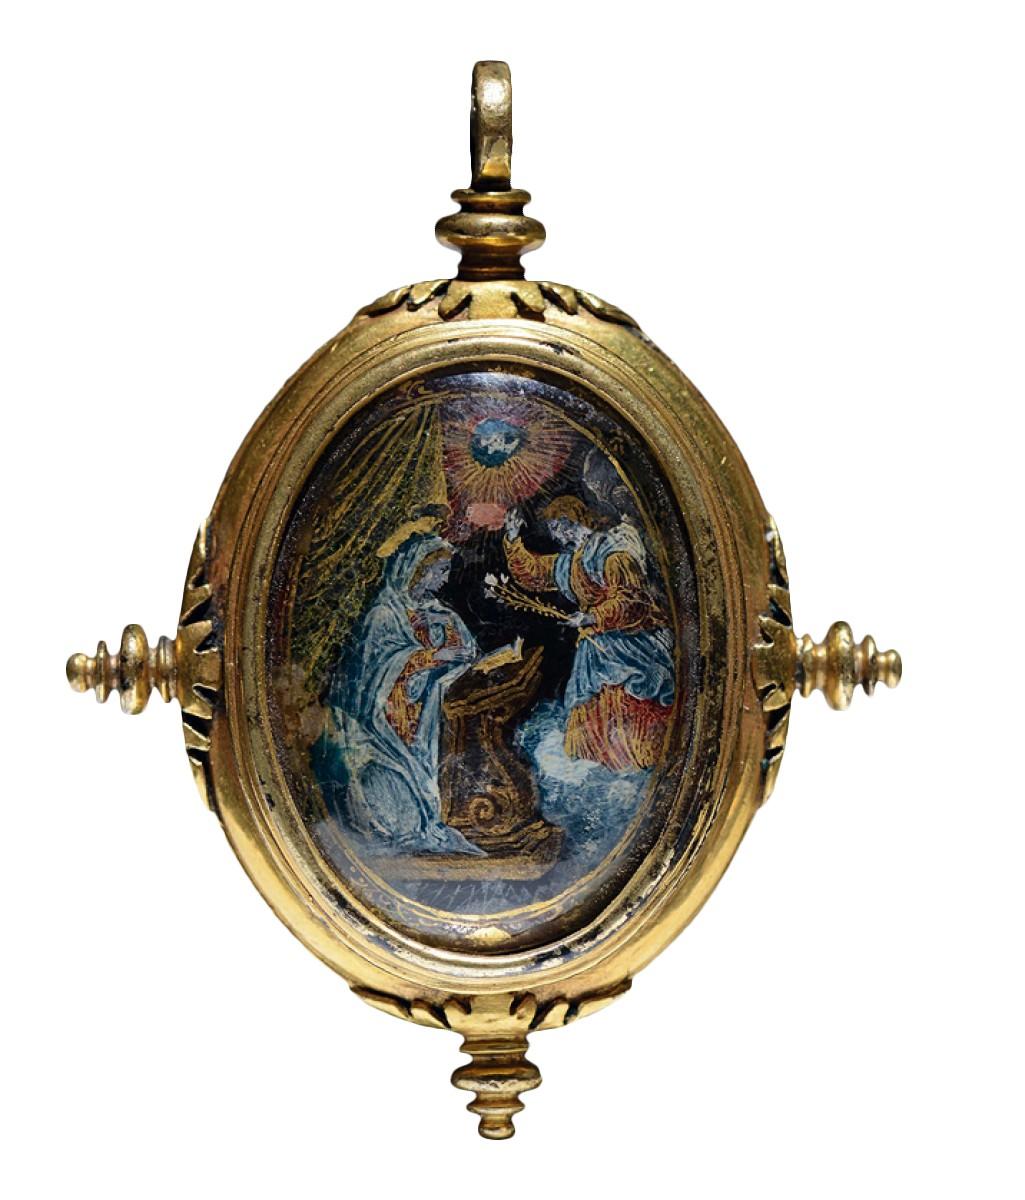 16e siecle pendentif de devotion verre eglomise representant l annonciation